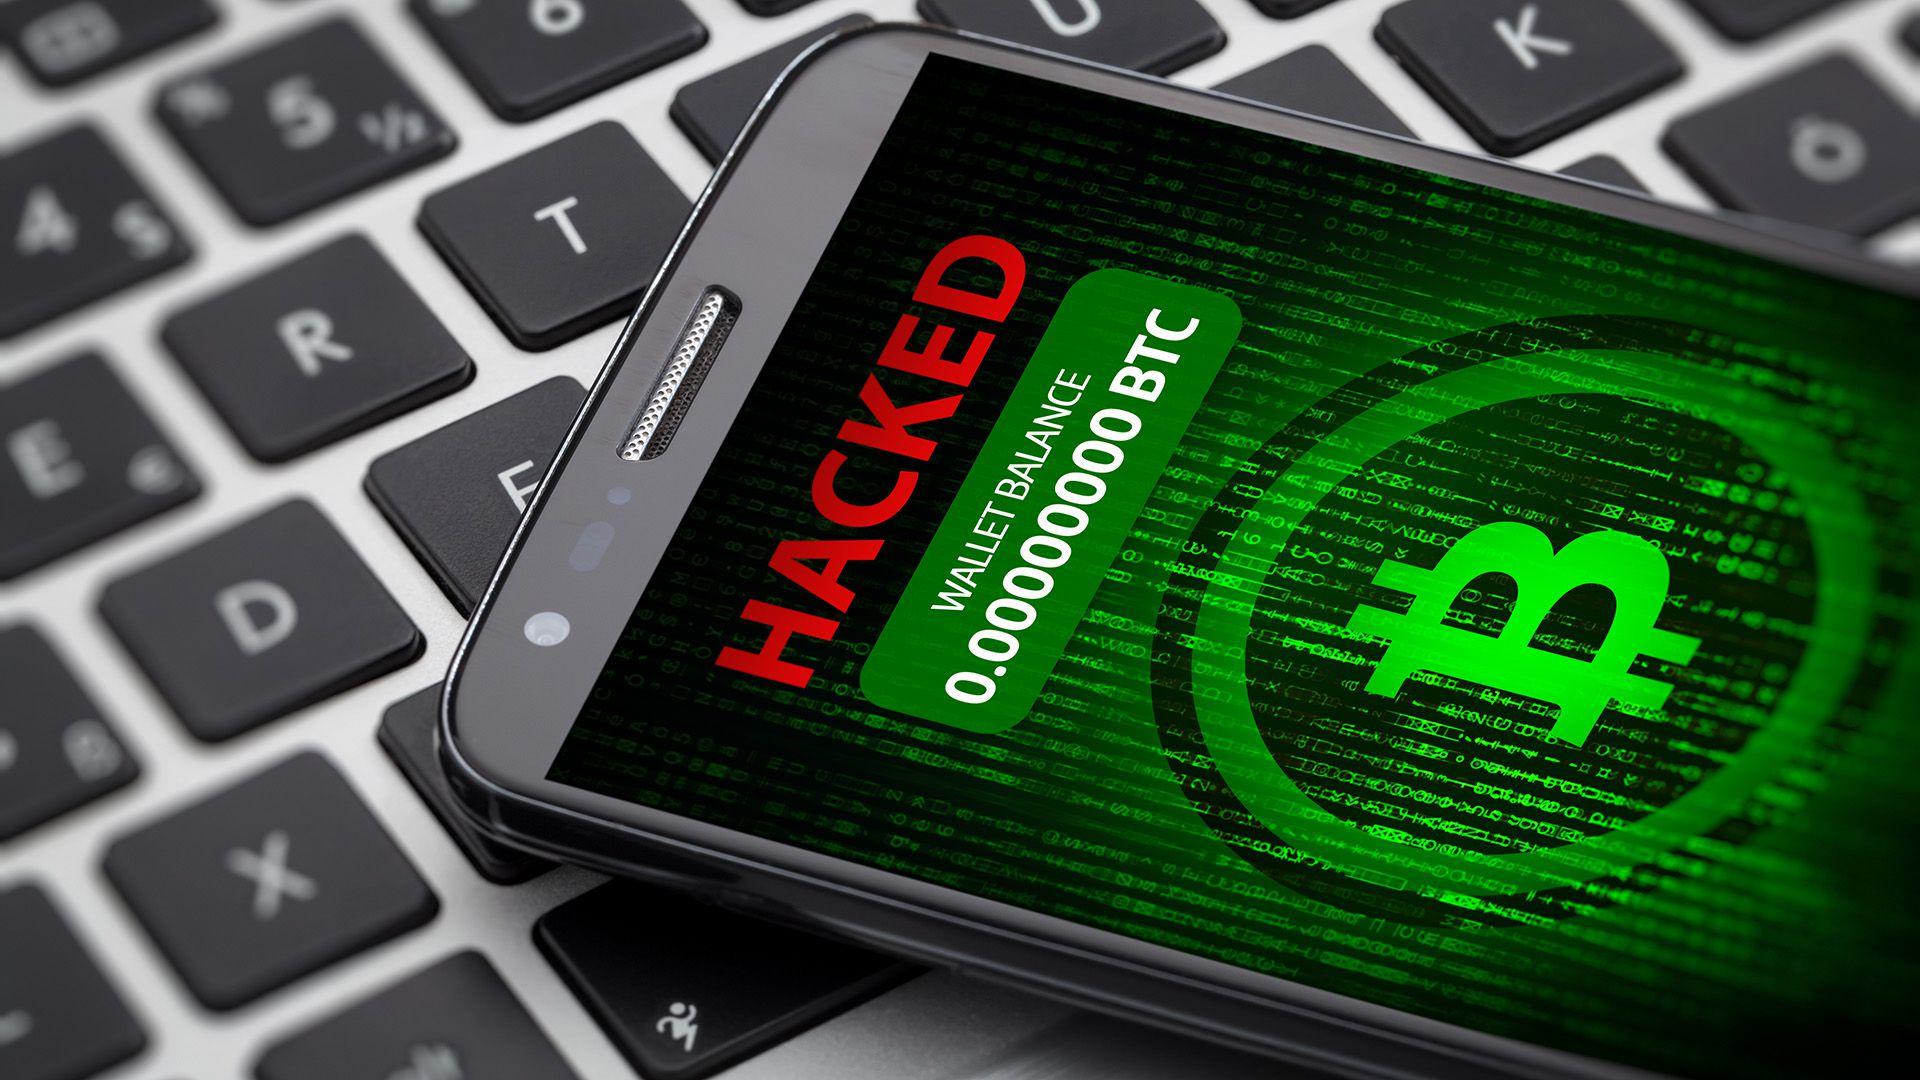 El secuestro de tarjetas SIM le puede servir al hacker para acceder a todas las cuentas que tengan como factor de doble autenticación el envío de SMS